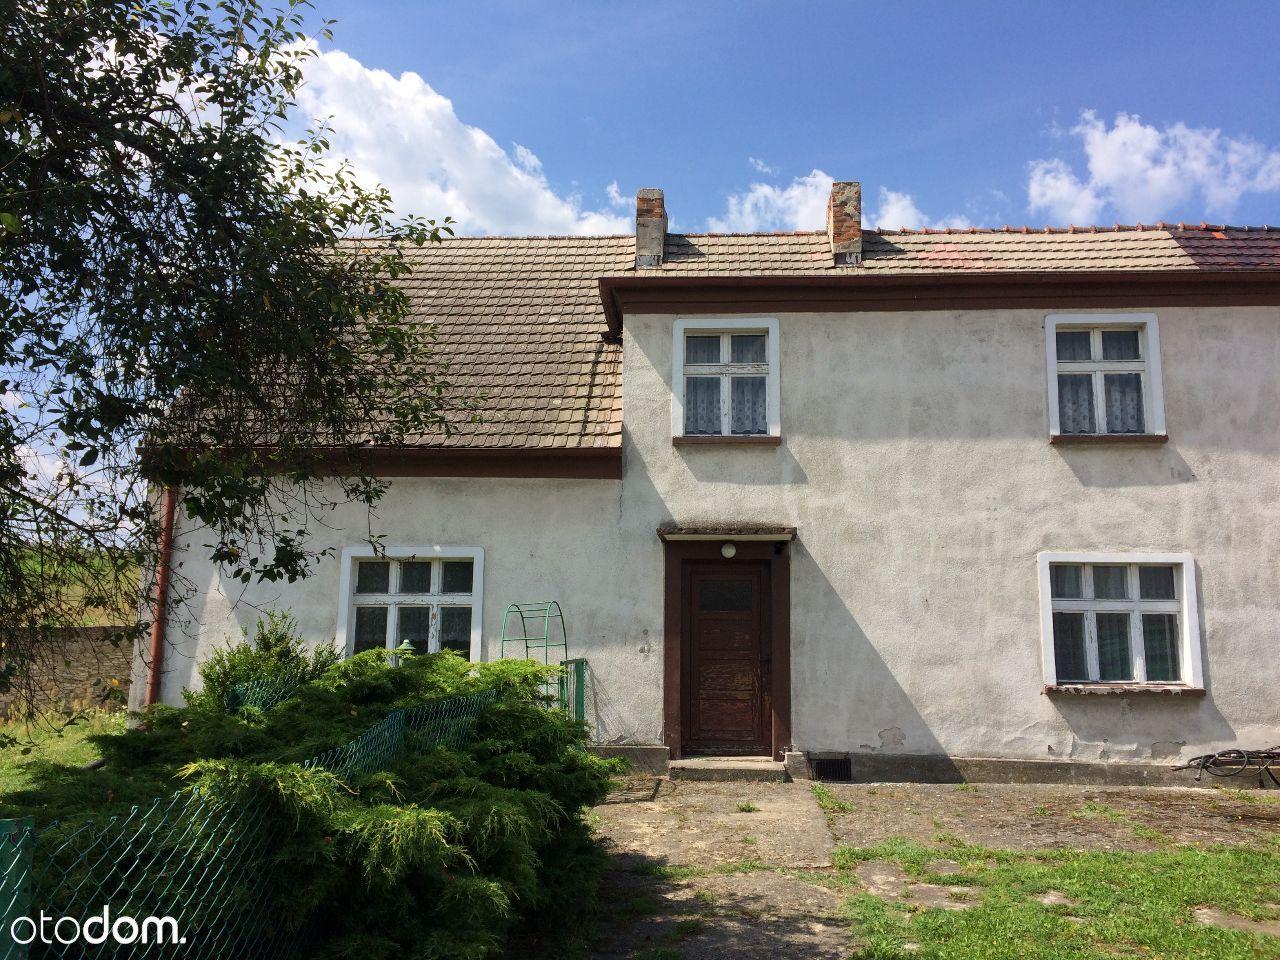 Dom na sprzedaż, Malnia, krapkowicki, opolskie - Foto 1